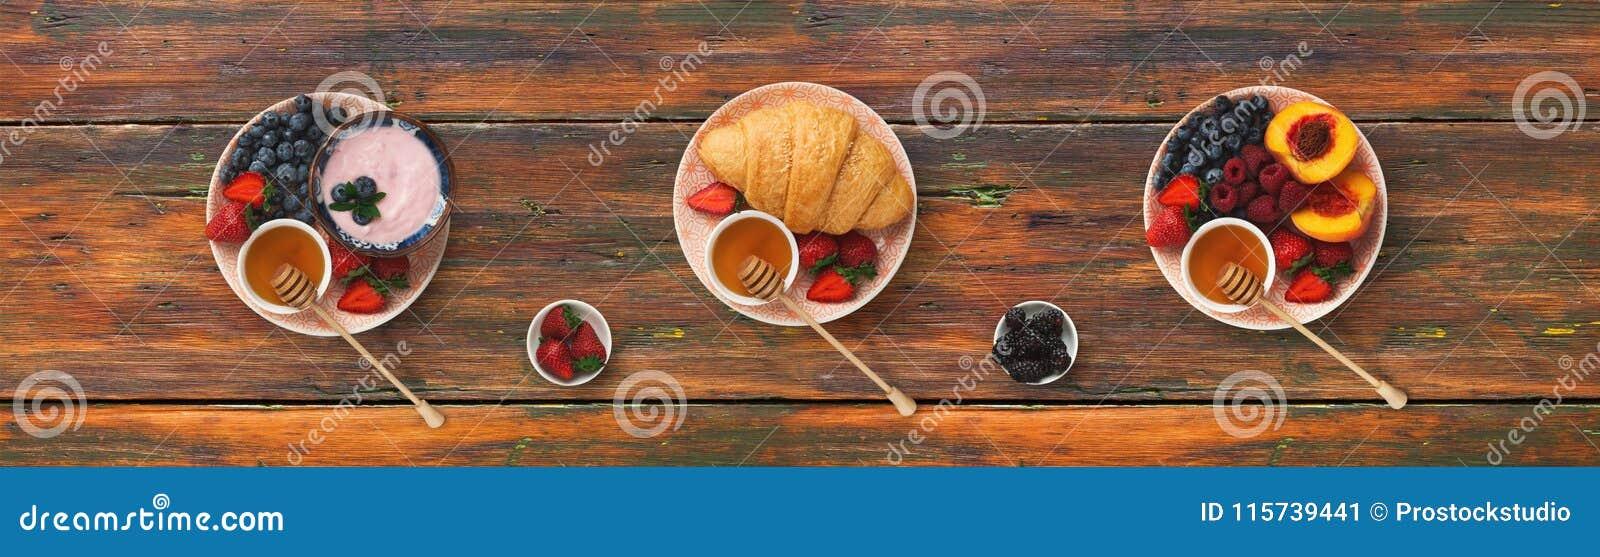 Collage des repas de petit déjeuner sur le fond en bois, vue supérieure